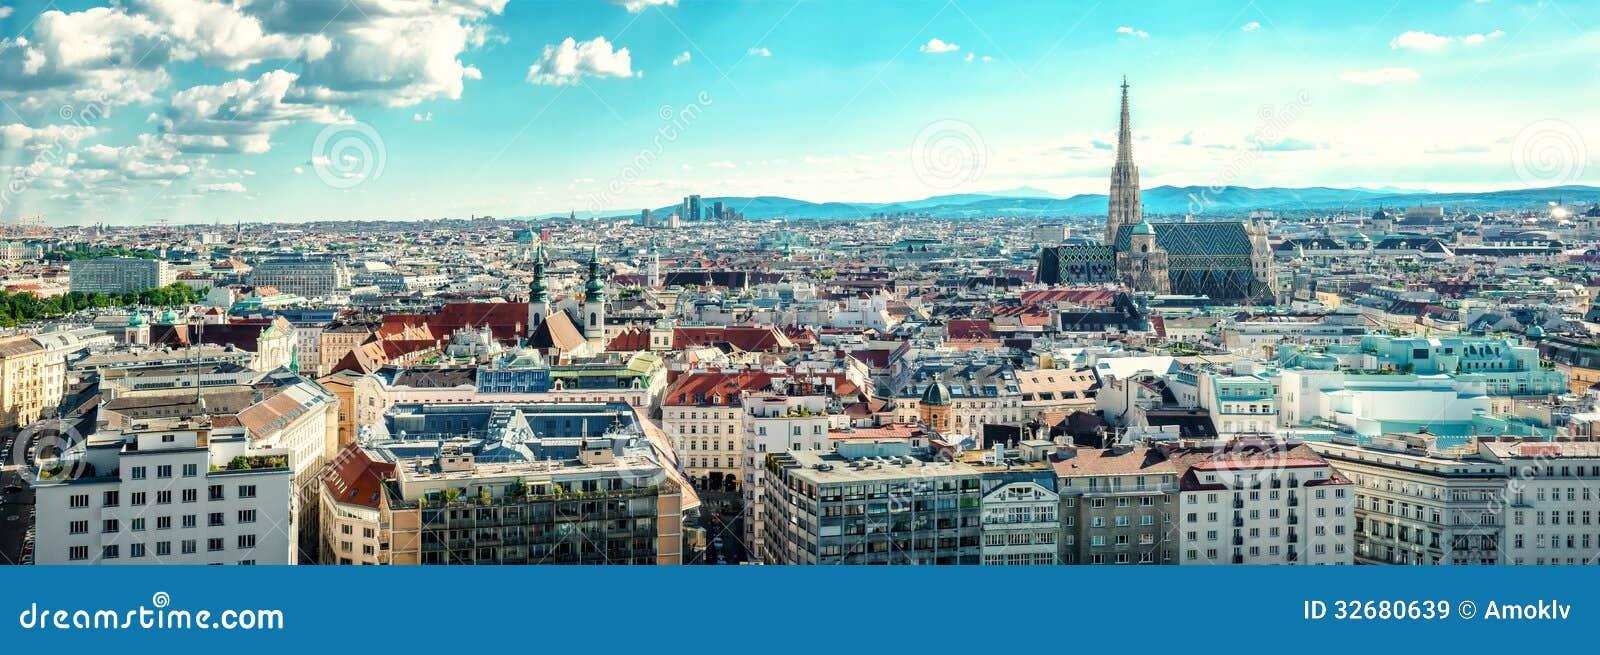 Panoramic view of Vienna city